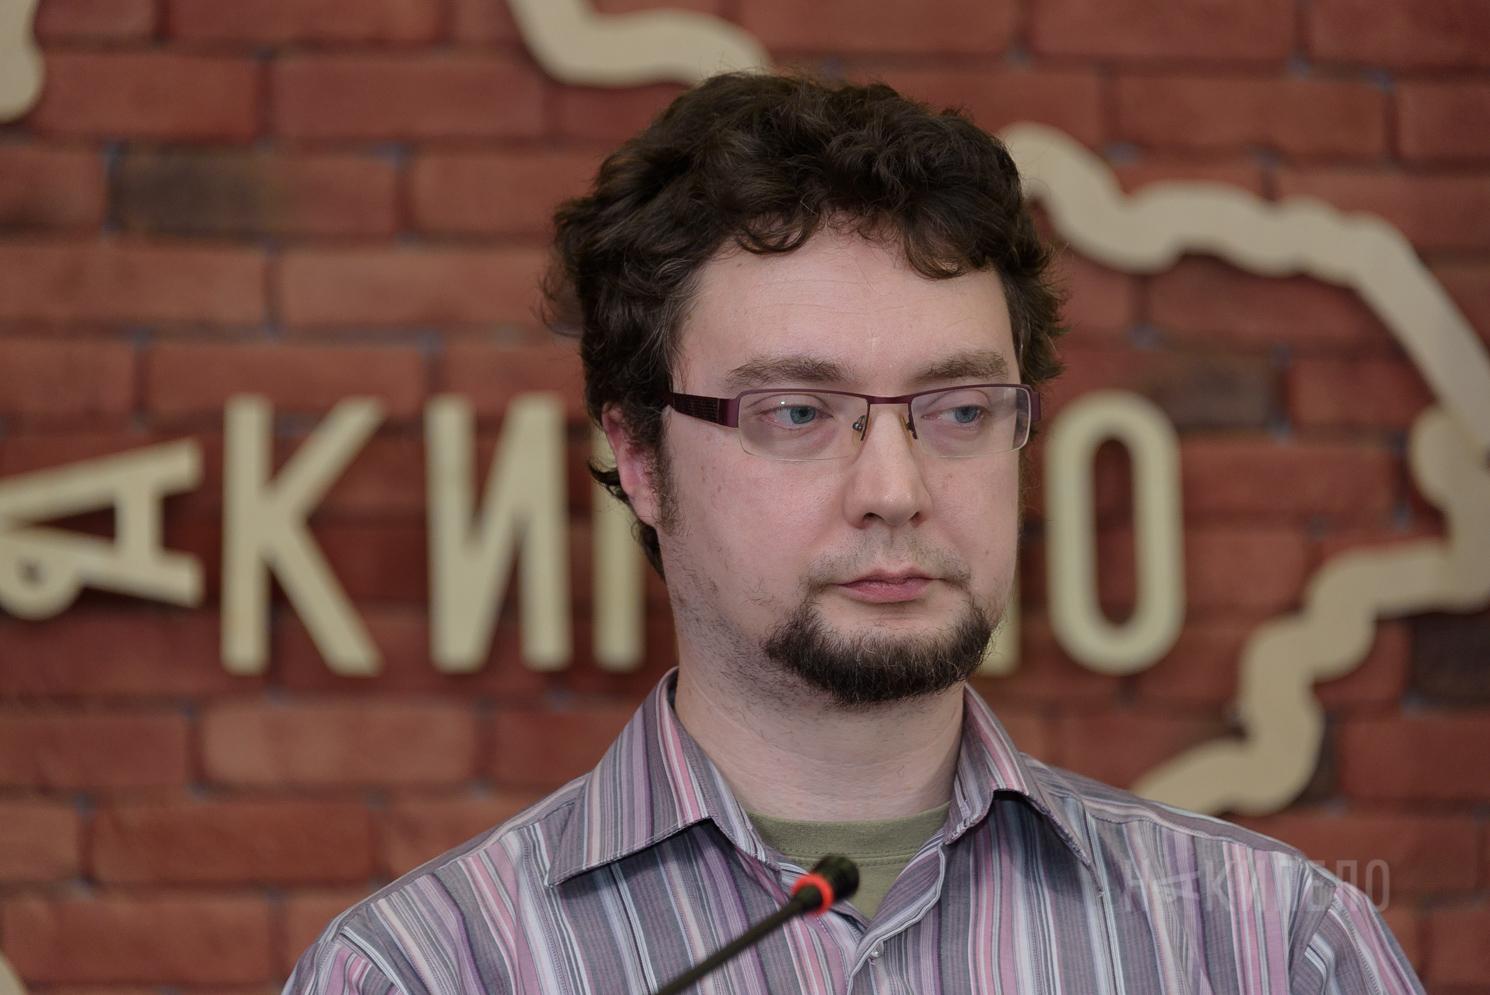 «Всё происходит не так, как в фильмах». Чешский эксперт по кибербезопаности о кремлевских хакерах и ответных атаках